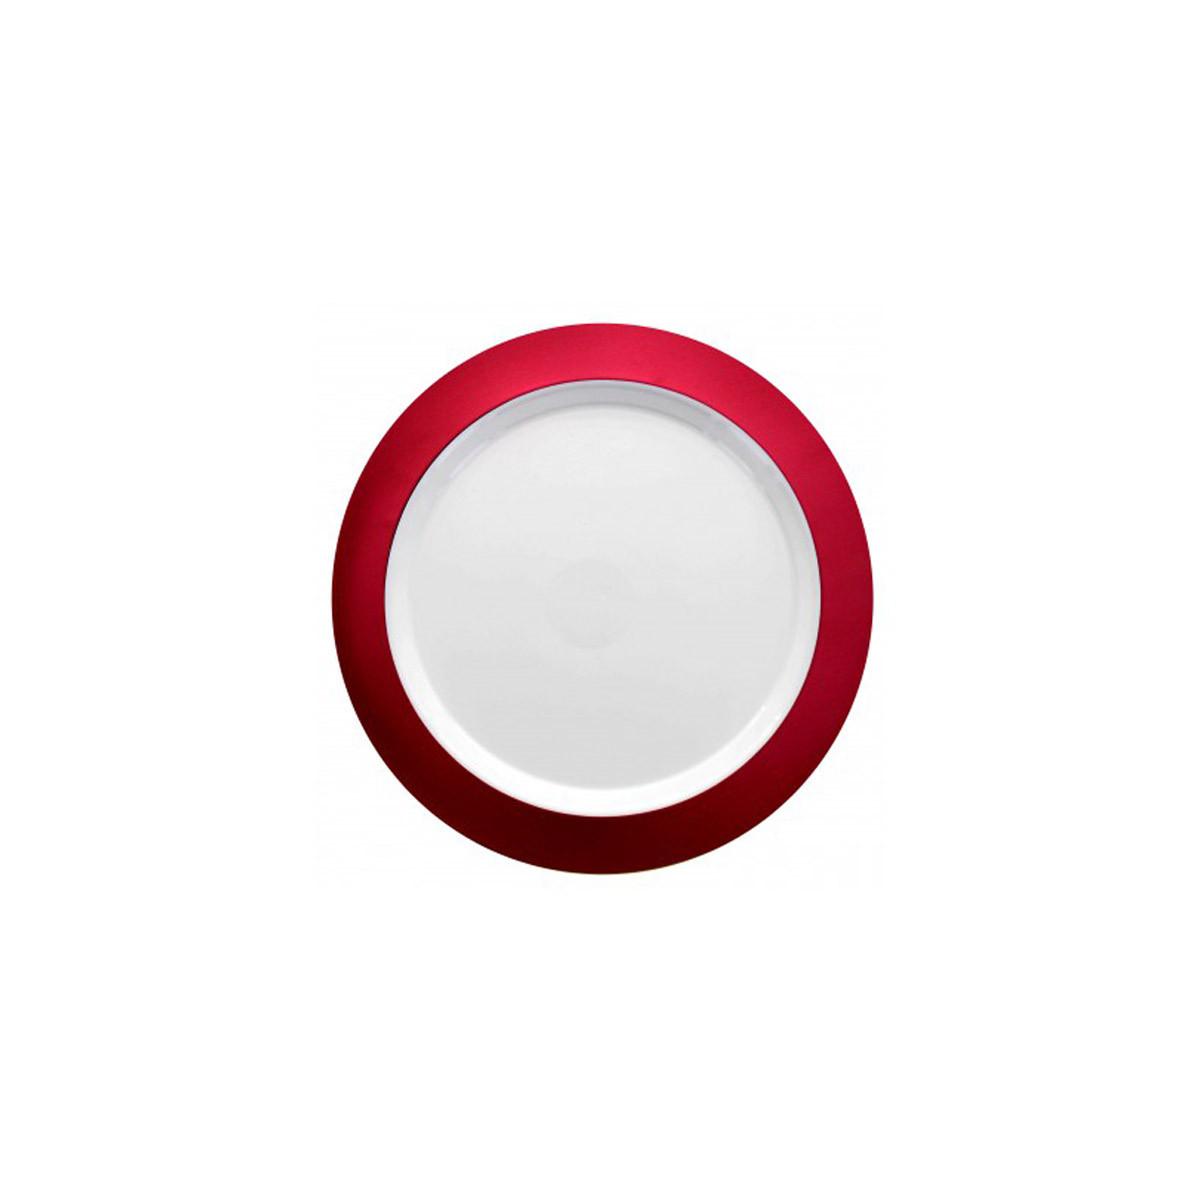 Assiette rouge 6 pcs